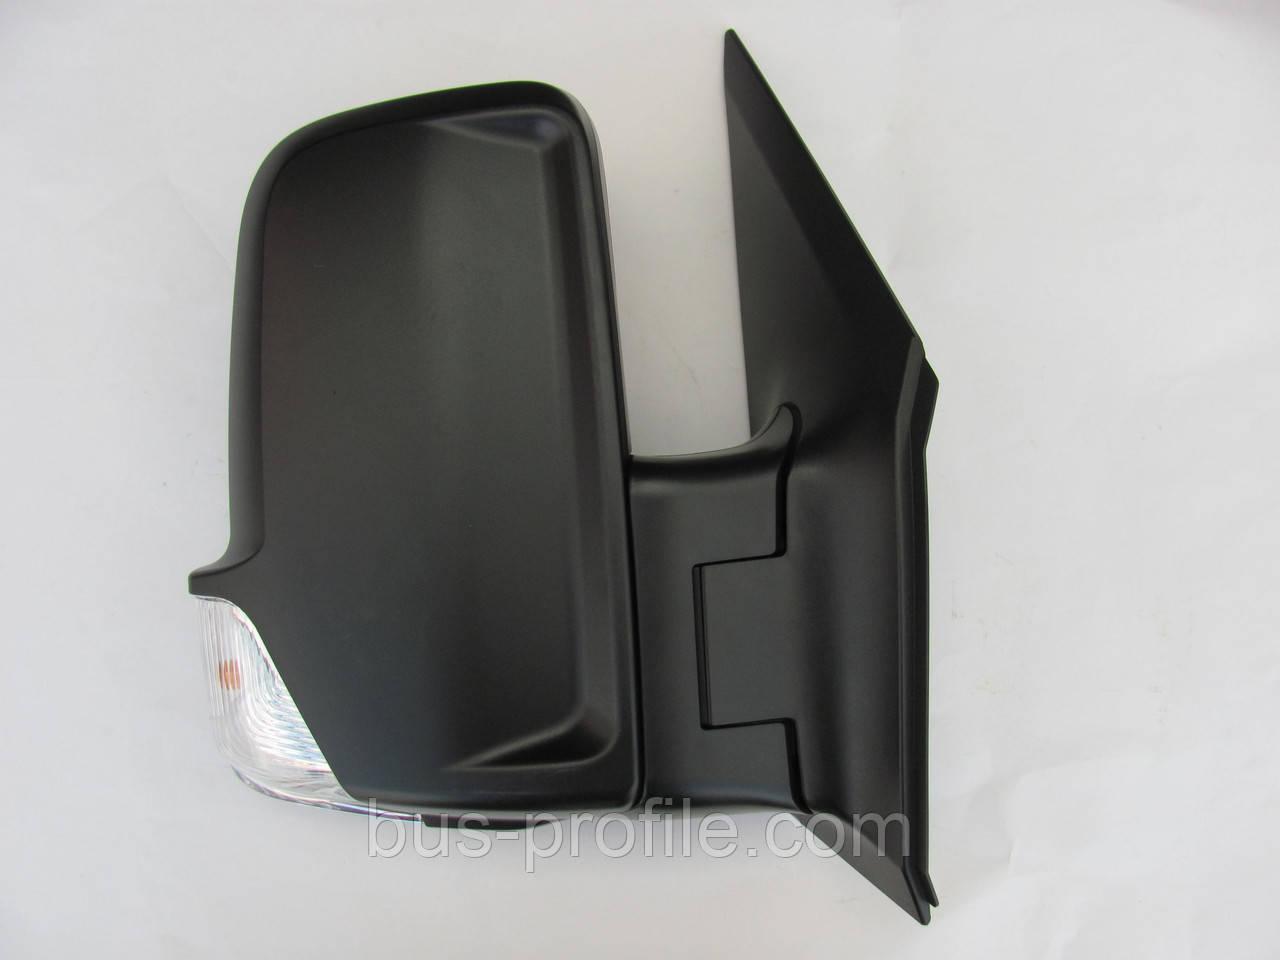 Дзеркало заднього виду MB Sprinter/VW Crafter 06 - R (електро/підігрів) — Autotechteile — 8155